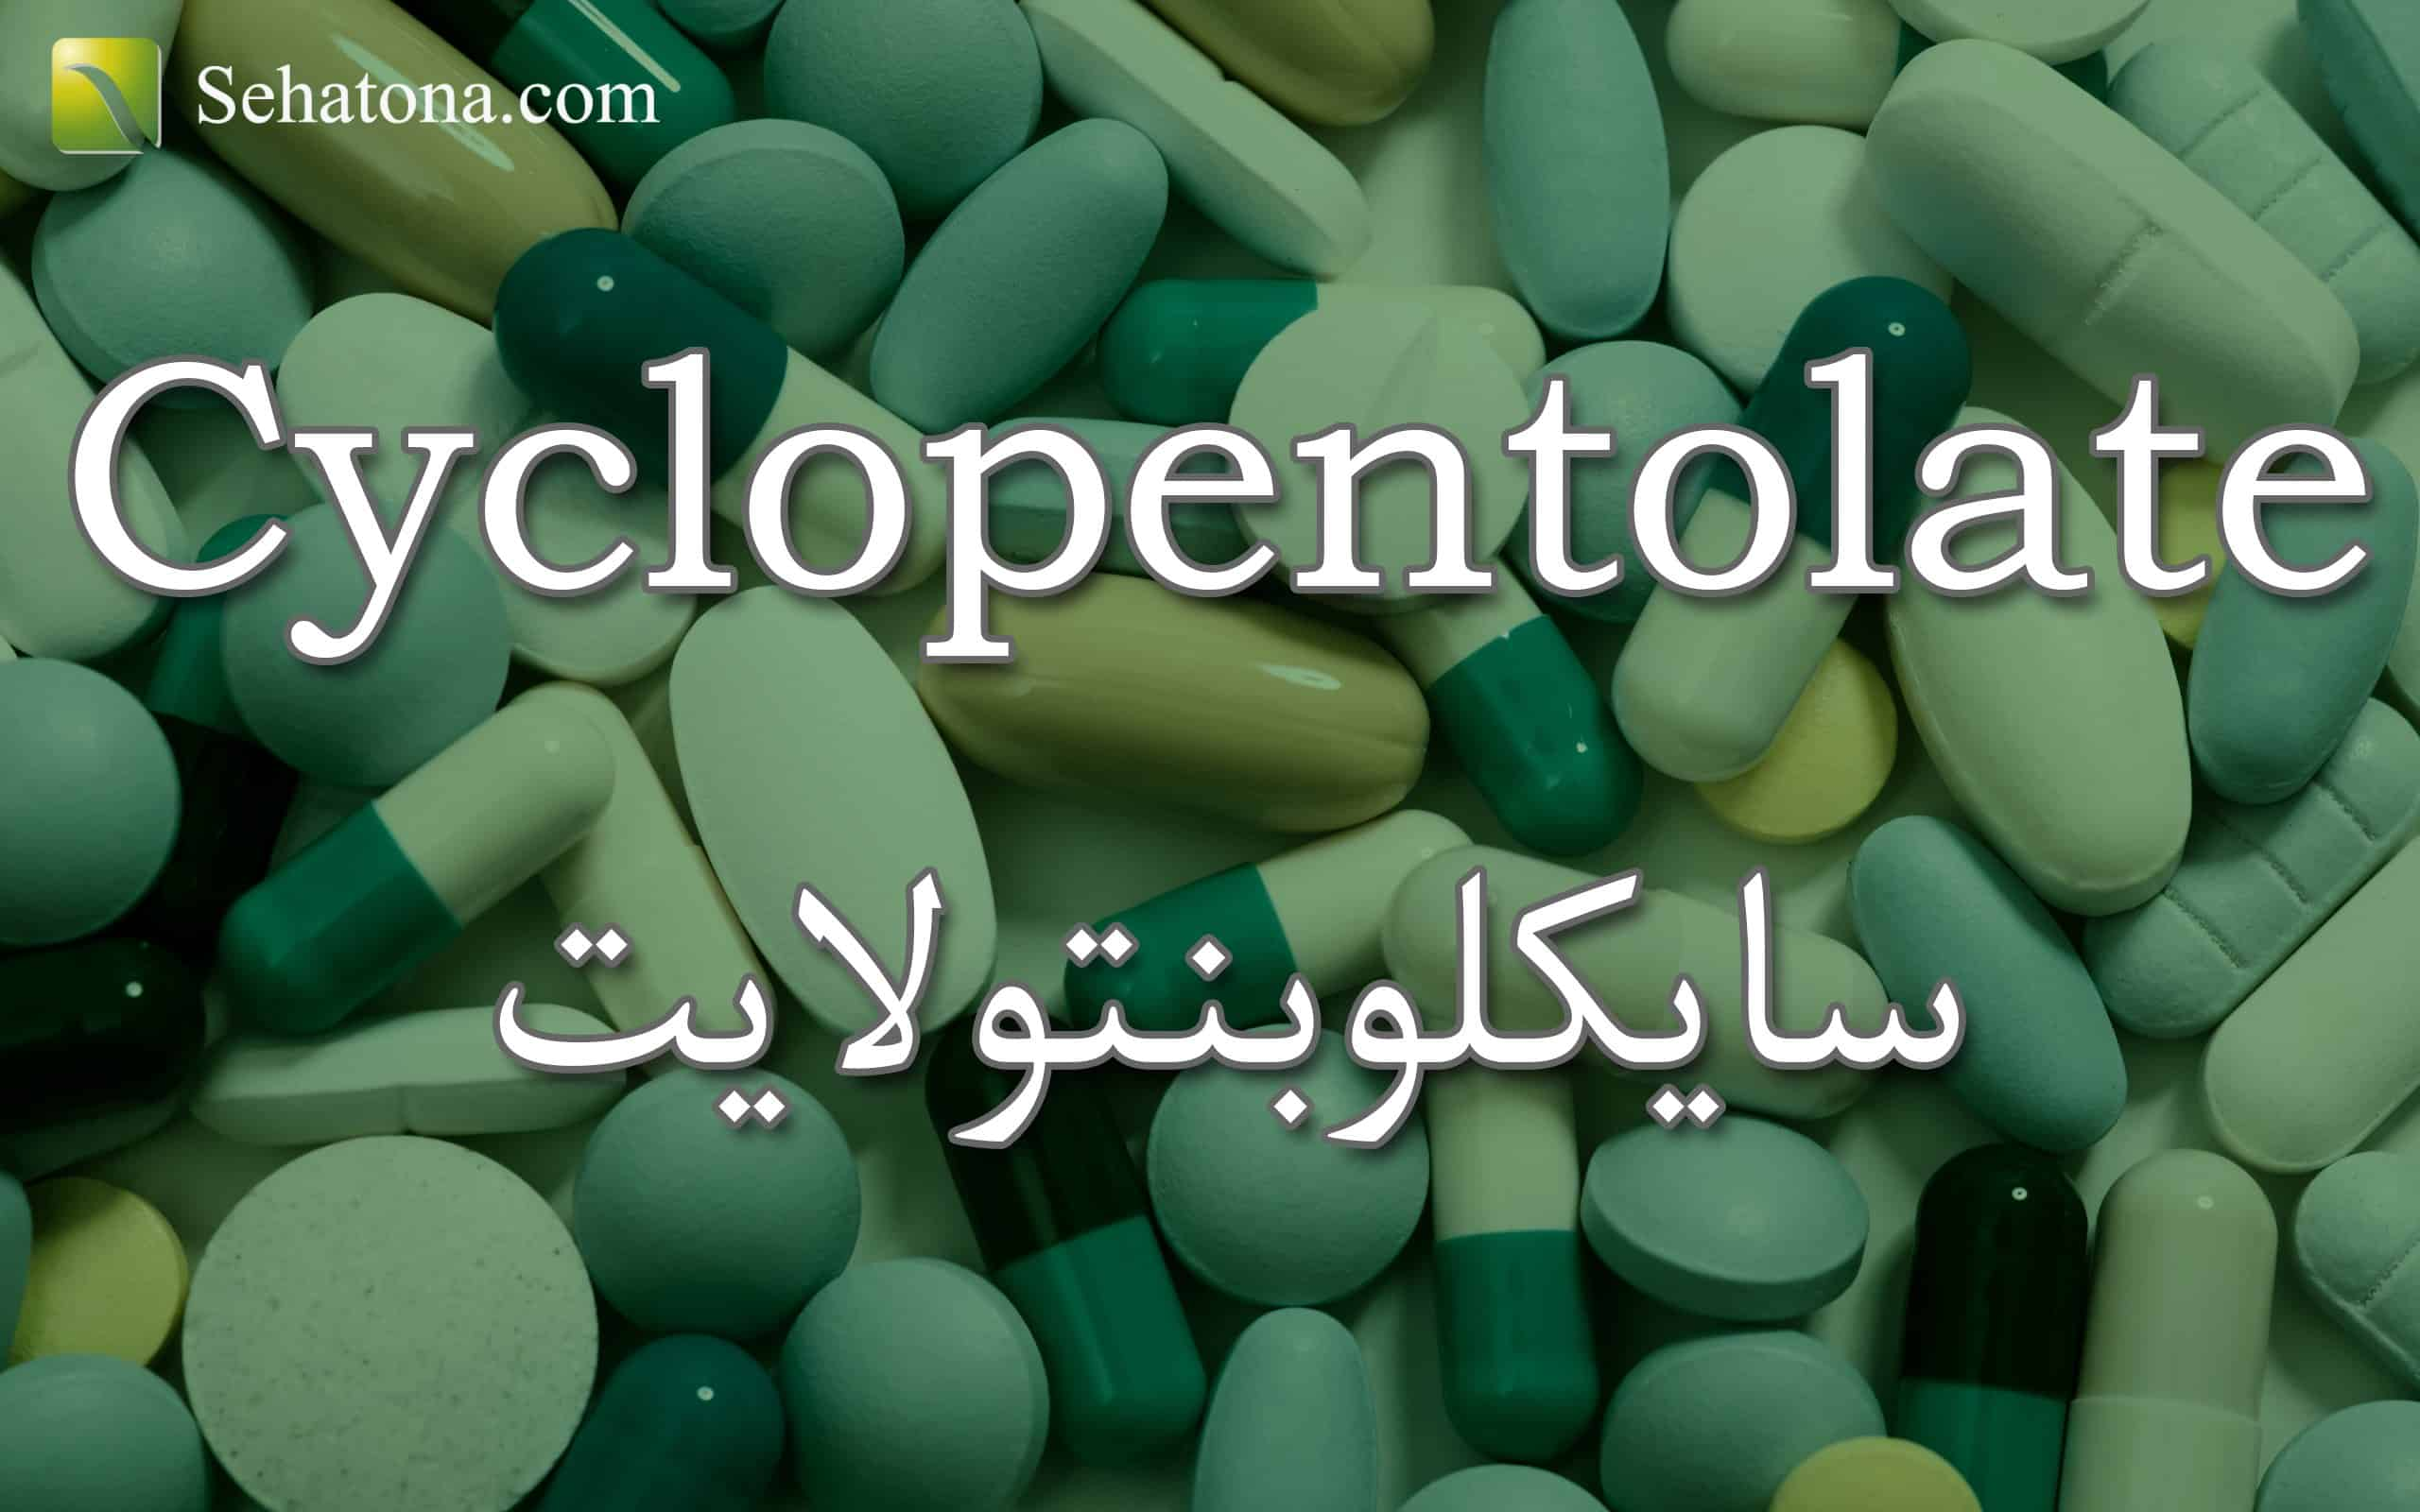 Cyclopentolate